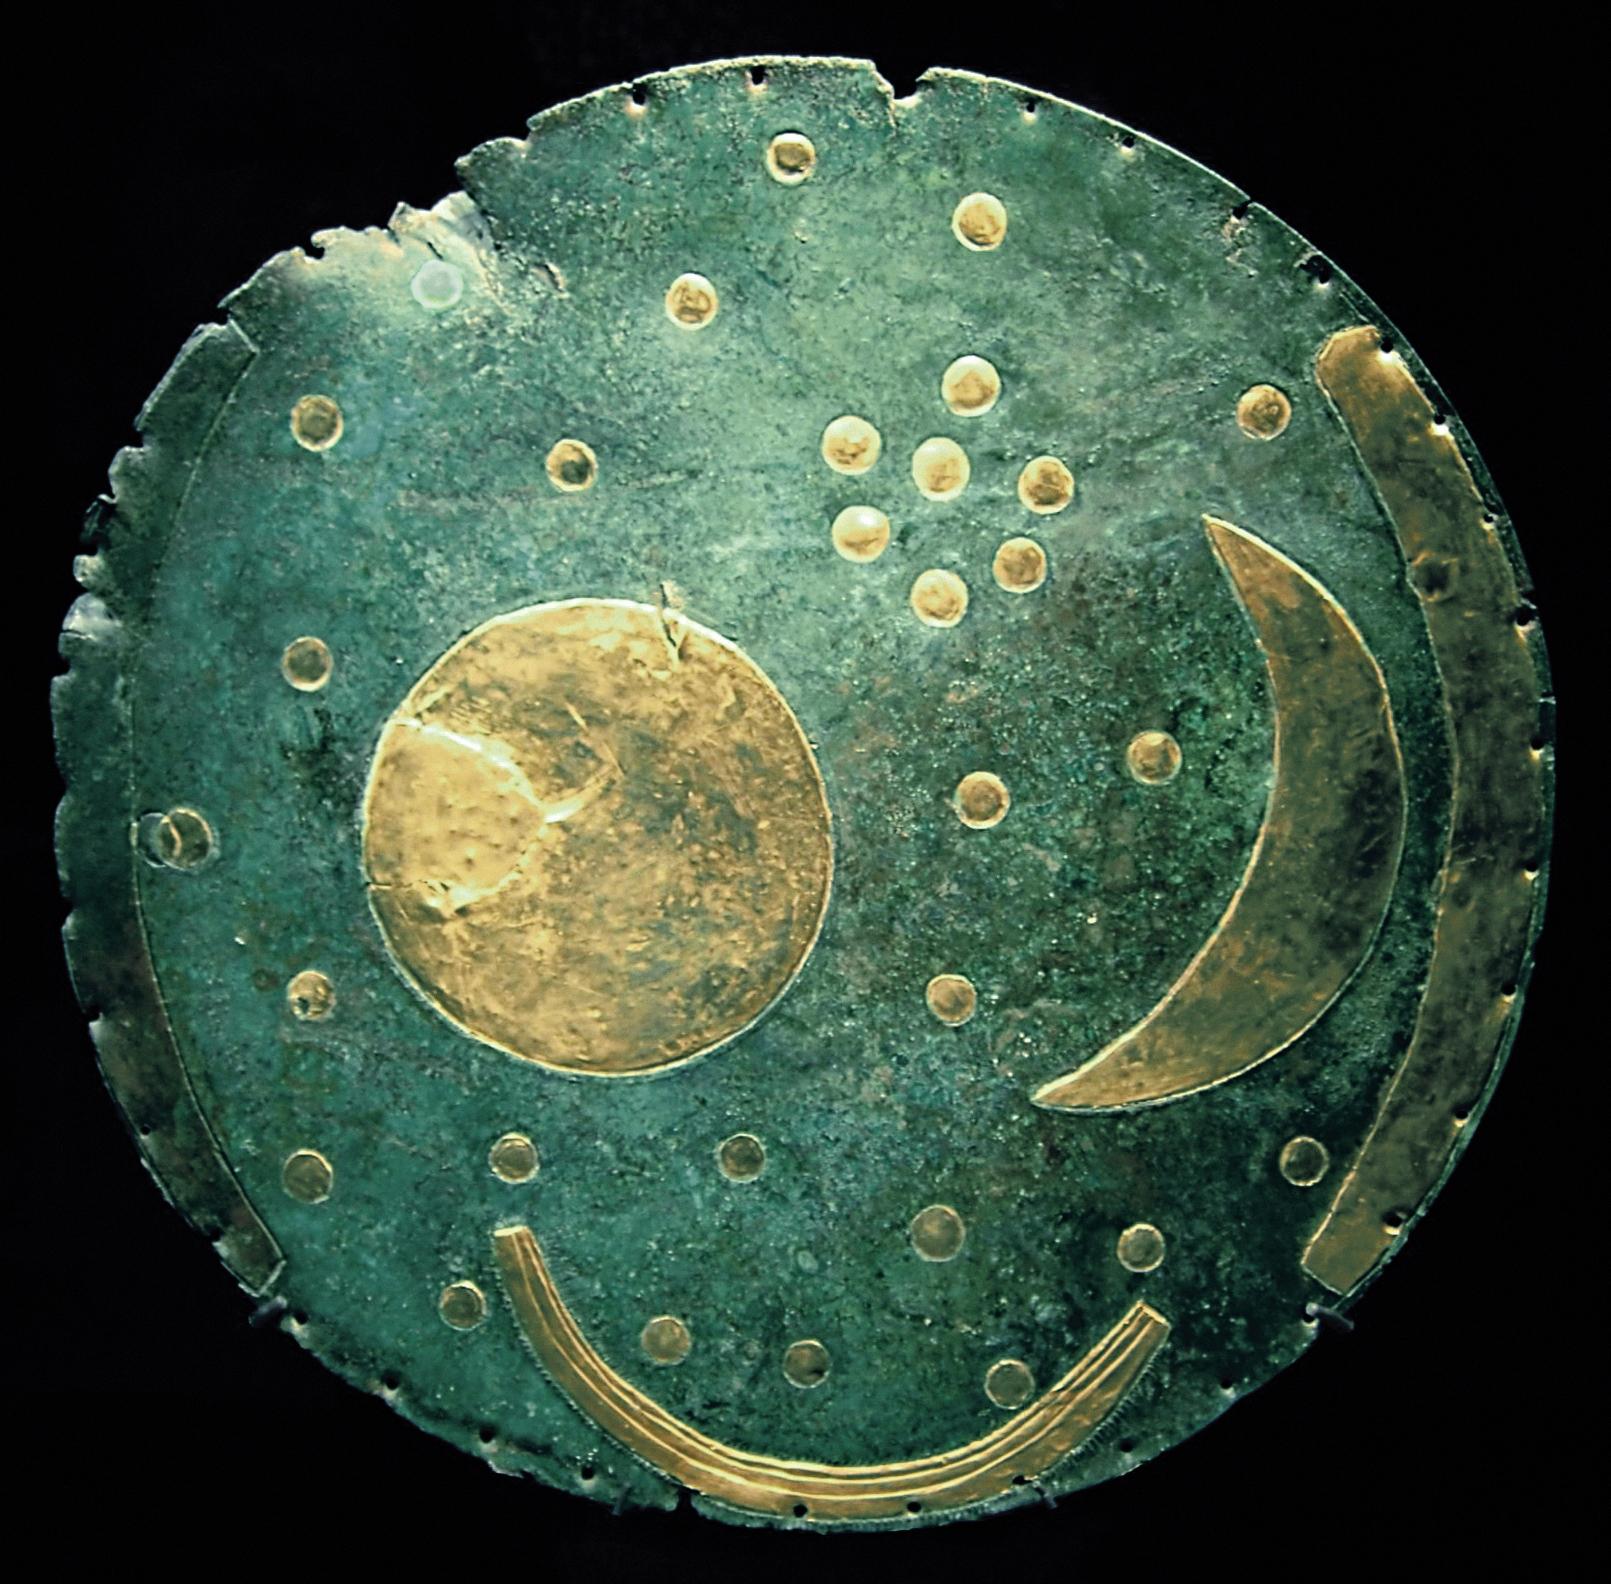 Die Himmelsscheibe von Nebra (heutiges Sachsen-Anhalt), ca. 1600v.Chr.